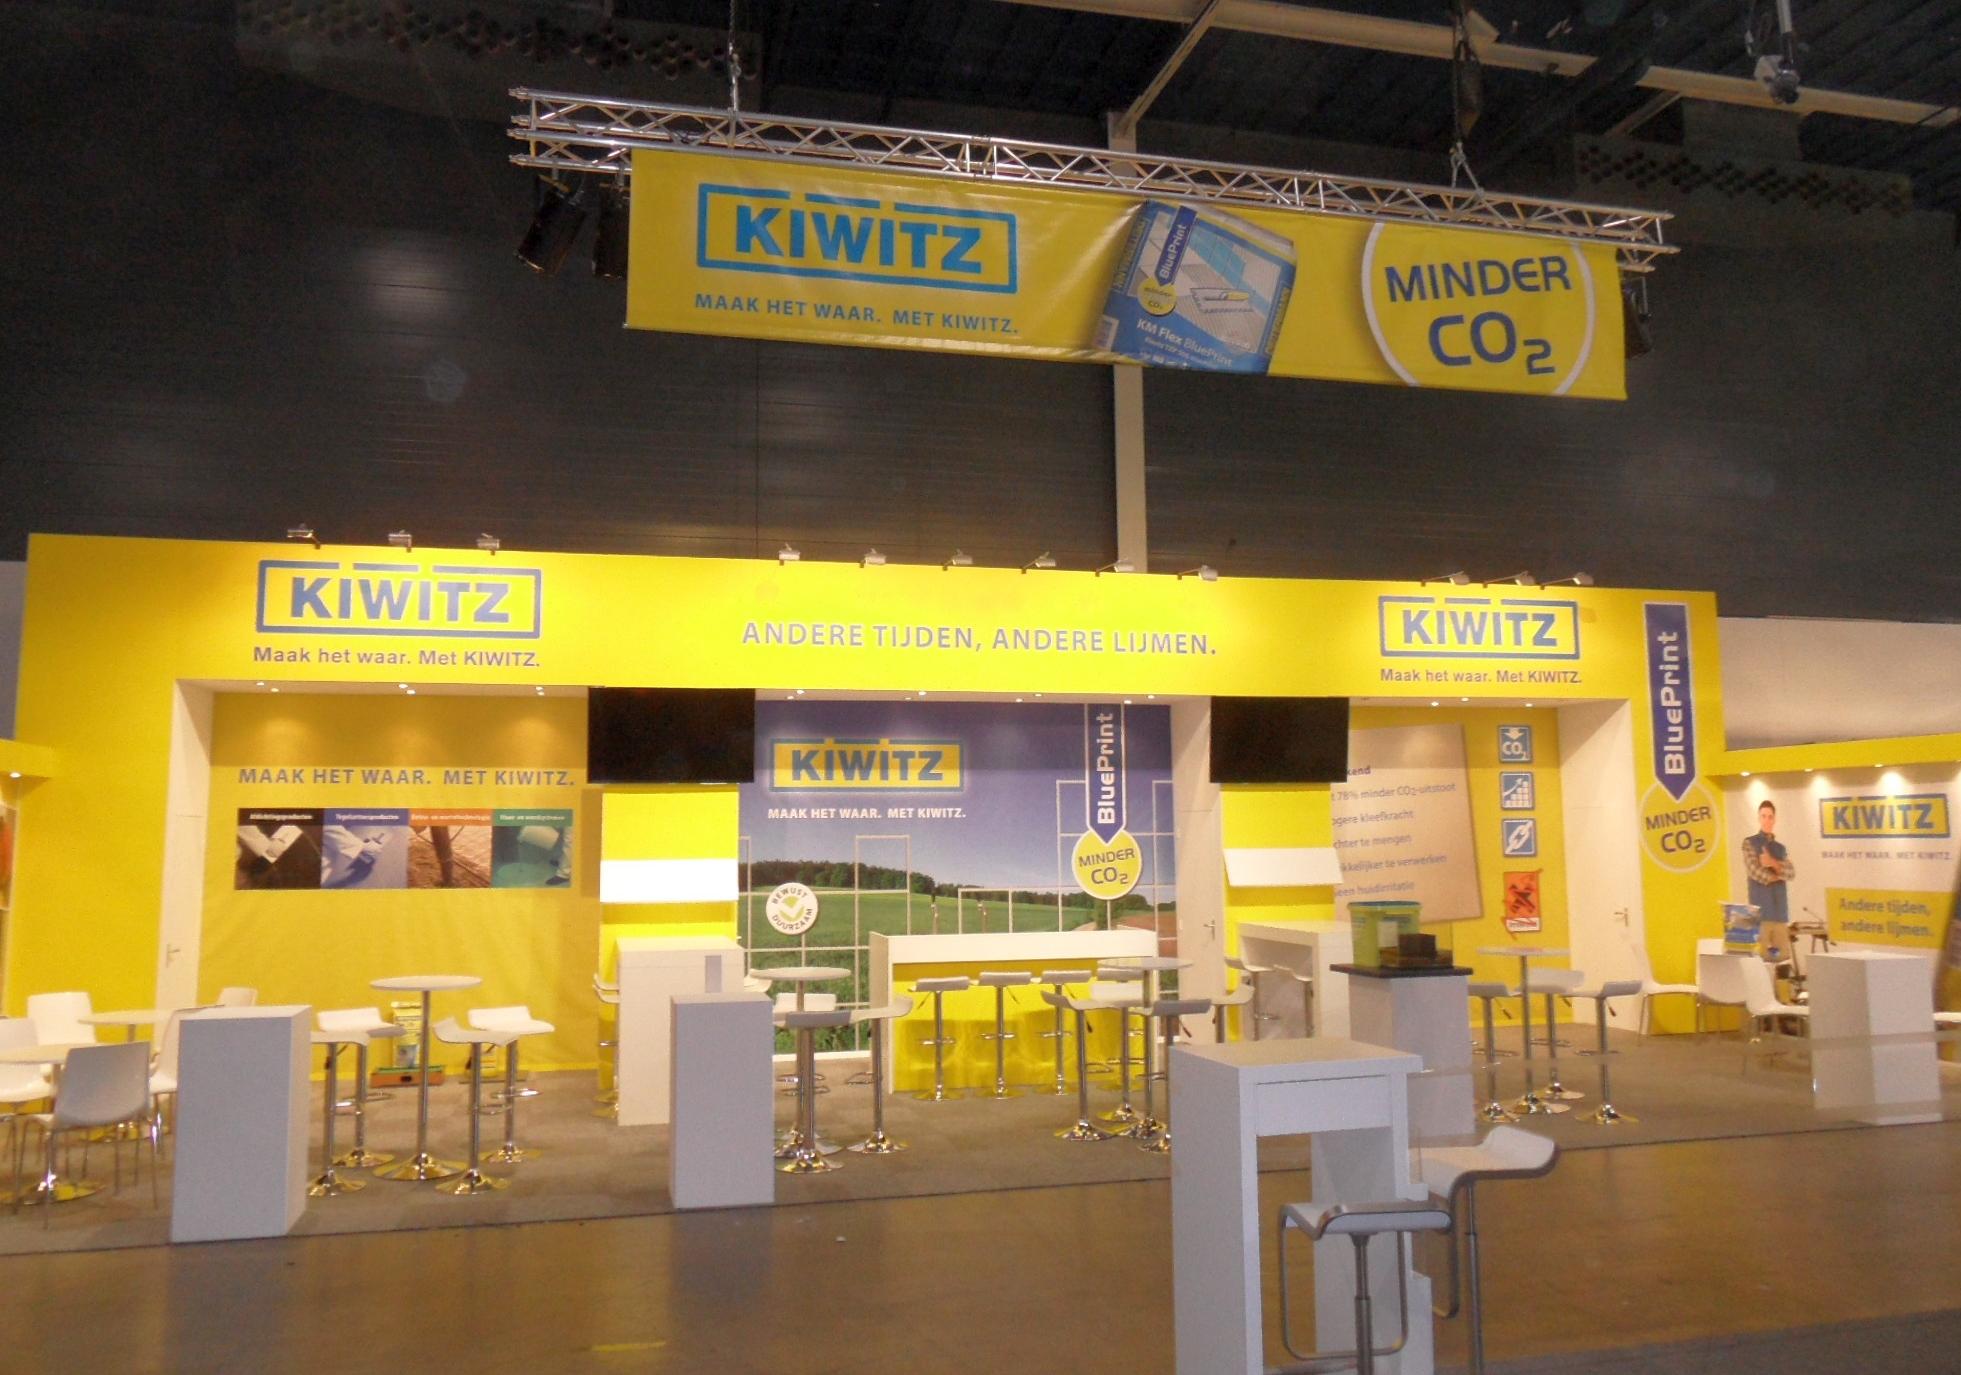 Kiwitz